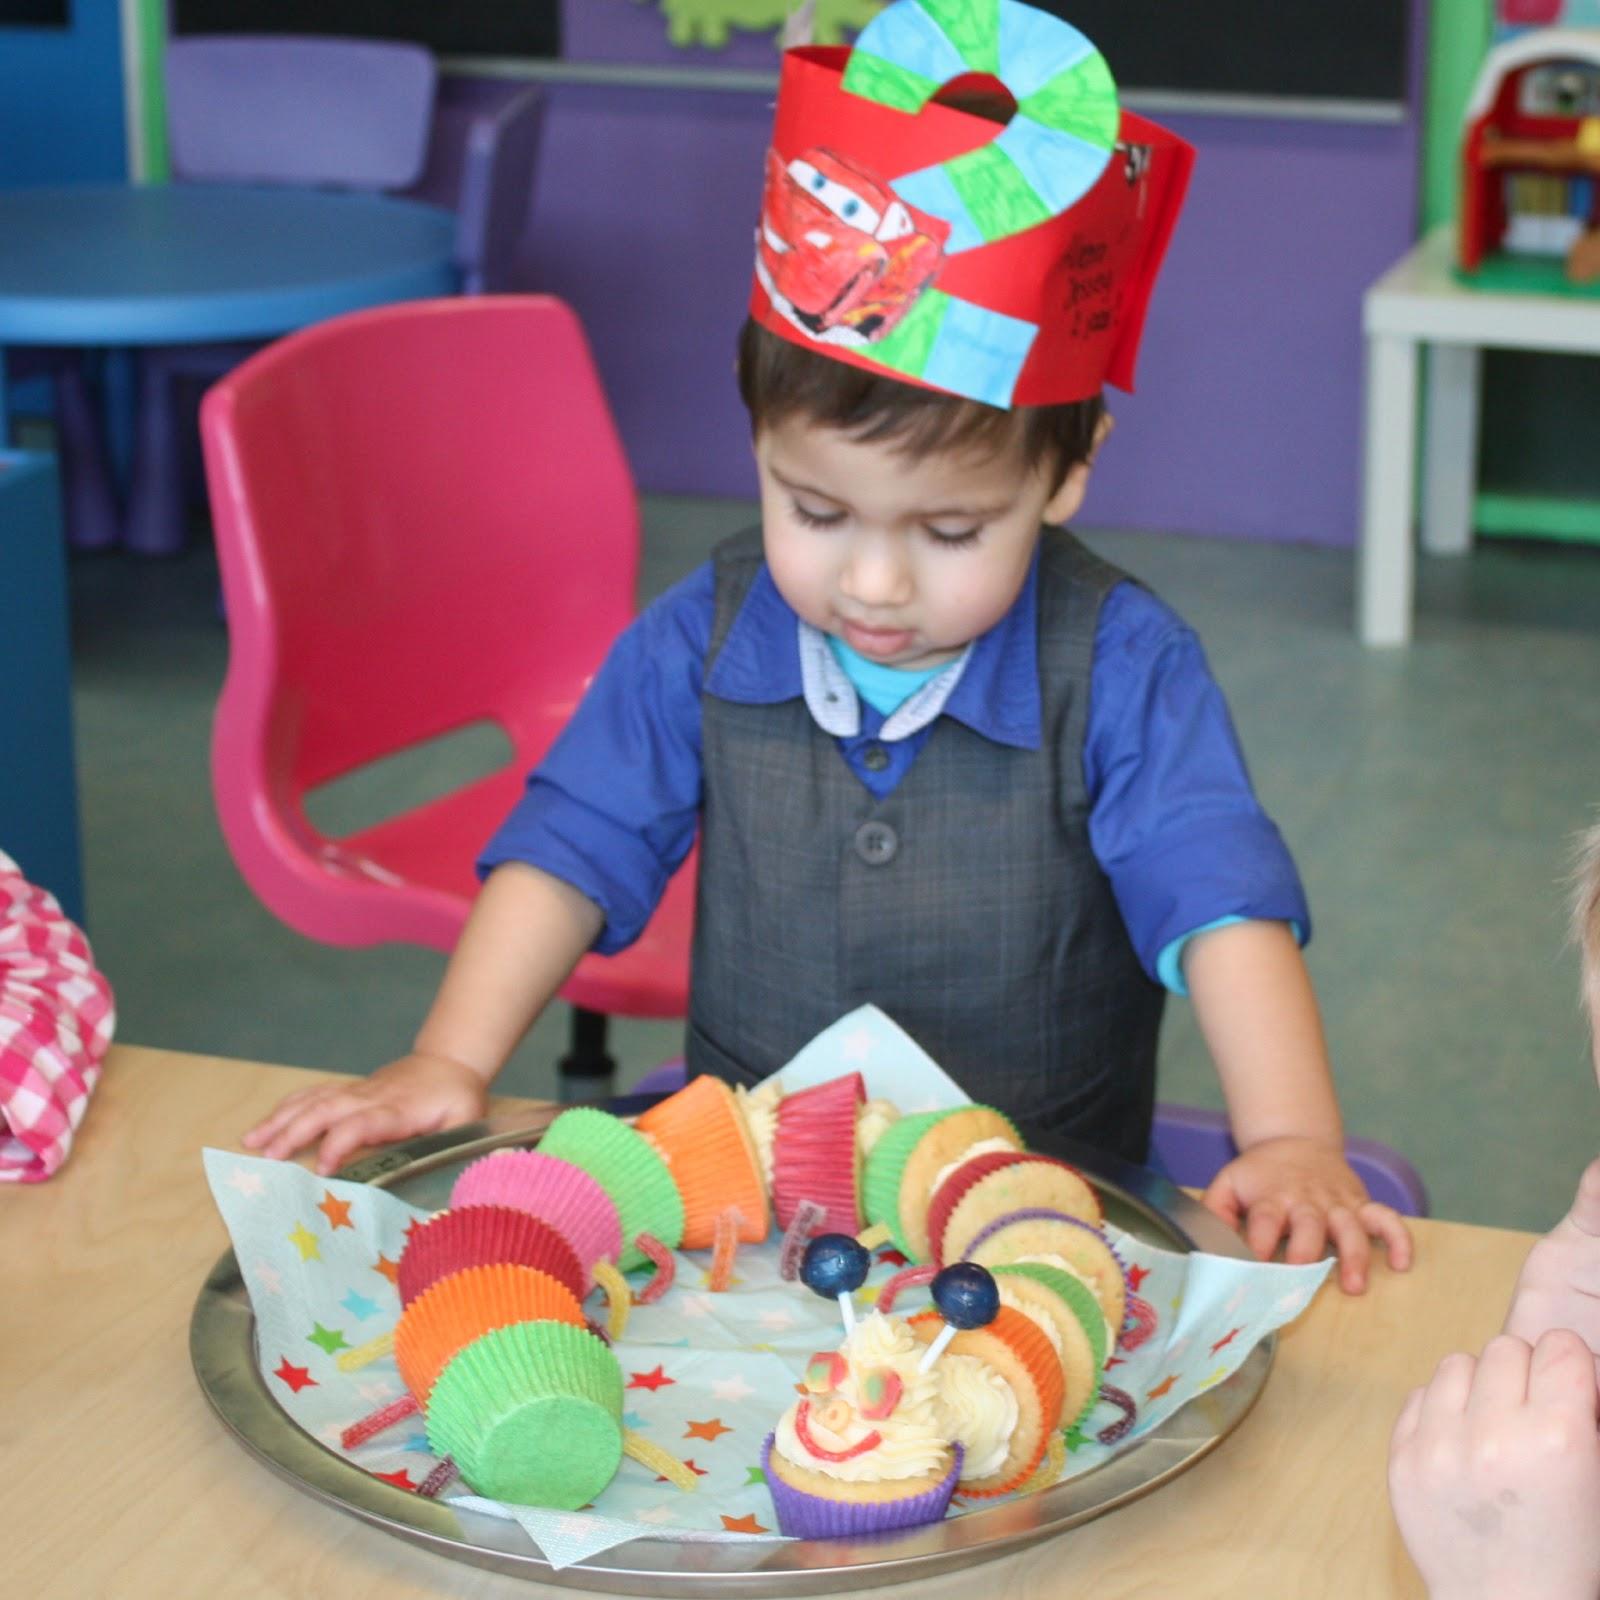 Beroemd Kindertraktatie: De cupcake rups - Francesca Kookt @QU54